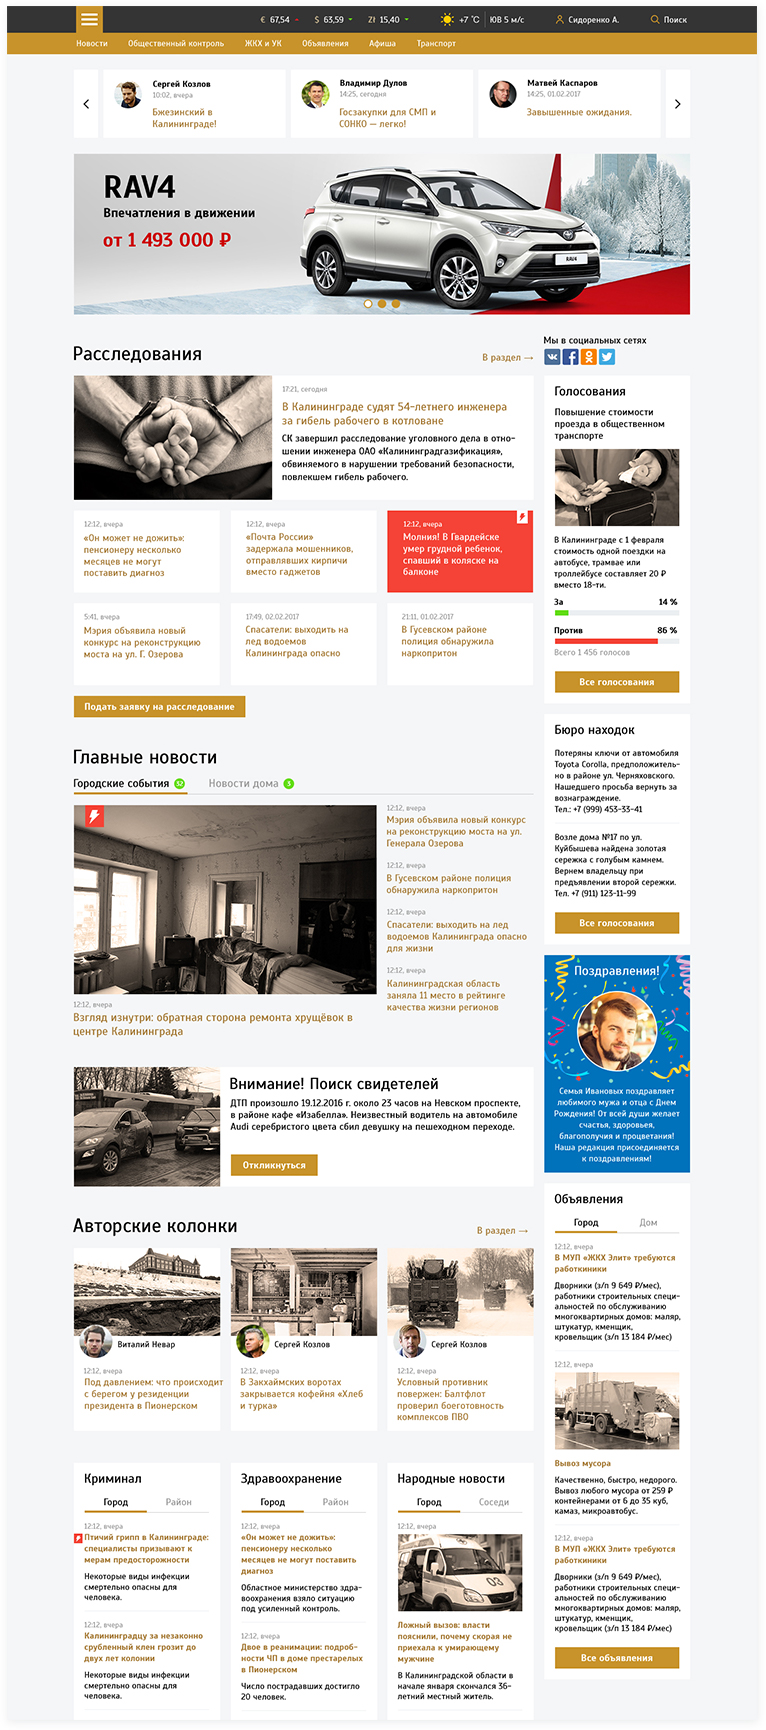 Создание web-сайта и мобильного приложения для онлайн-газеты в Калининграде